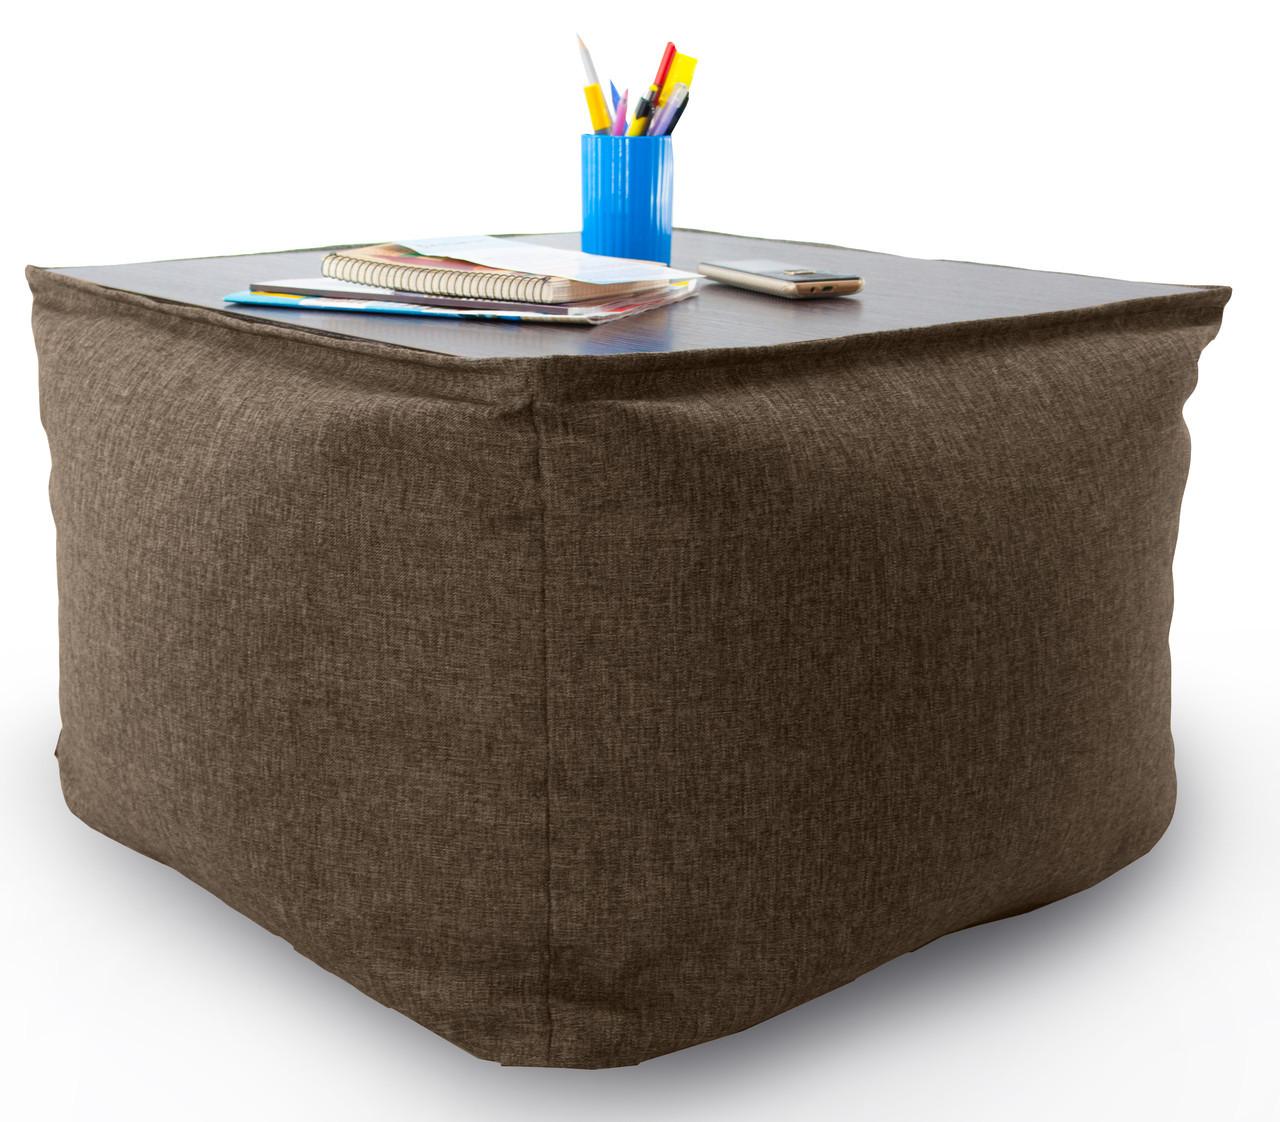 Крісло мішок, журнальний столик, безкаркасний столик. Мікро-рогожка 65 см